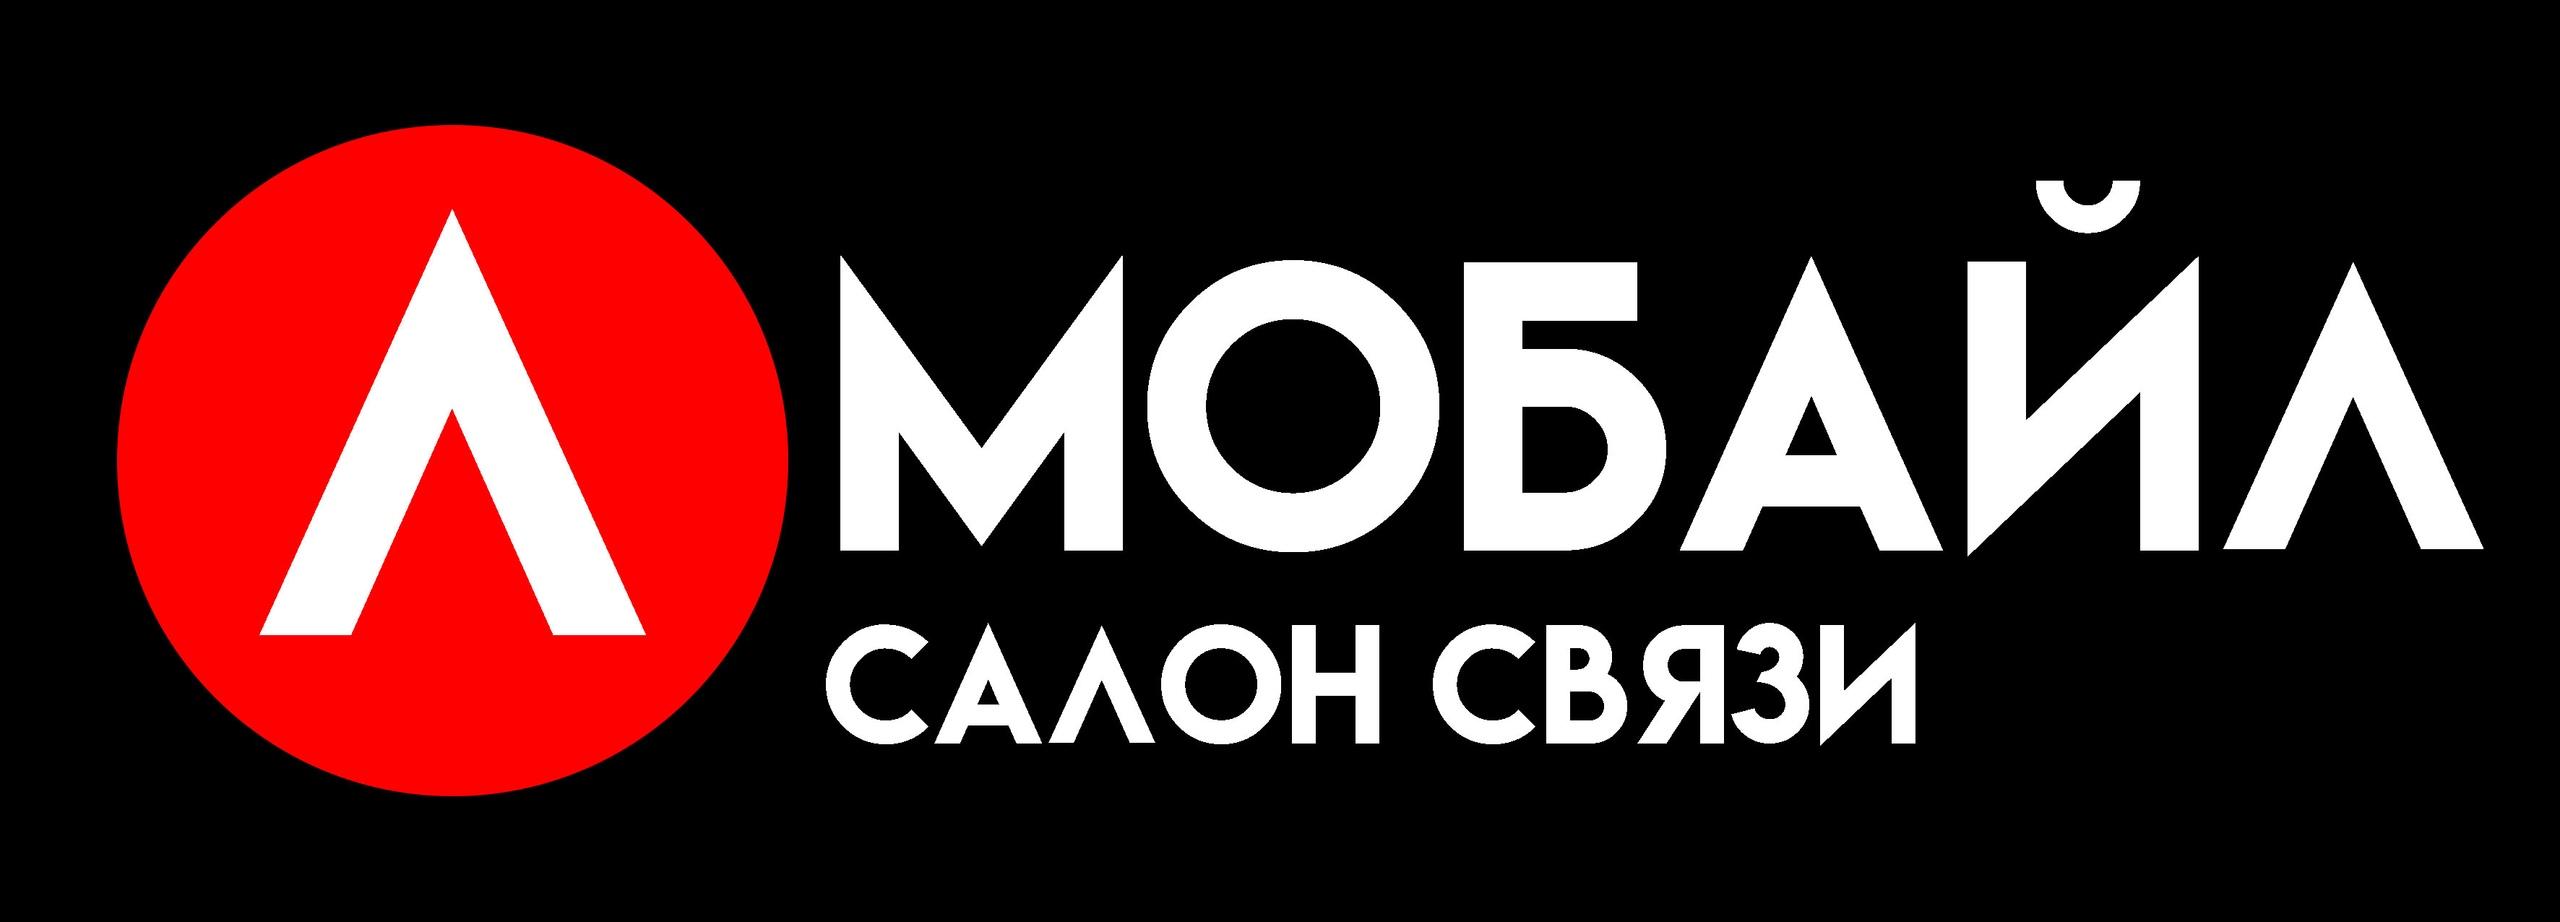 Л-Мобайл